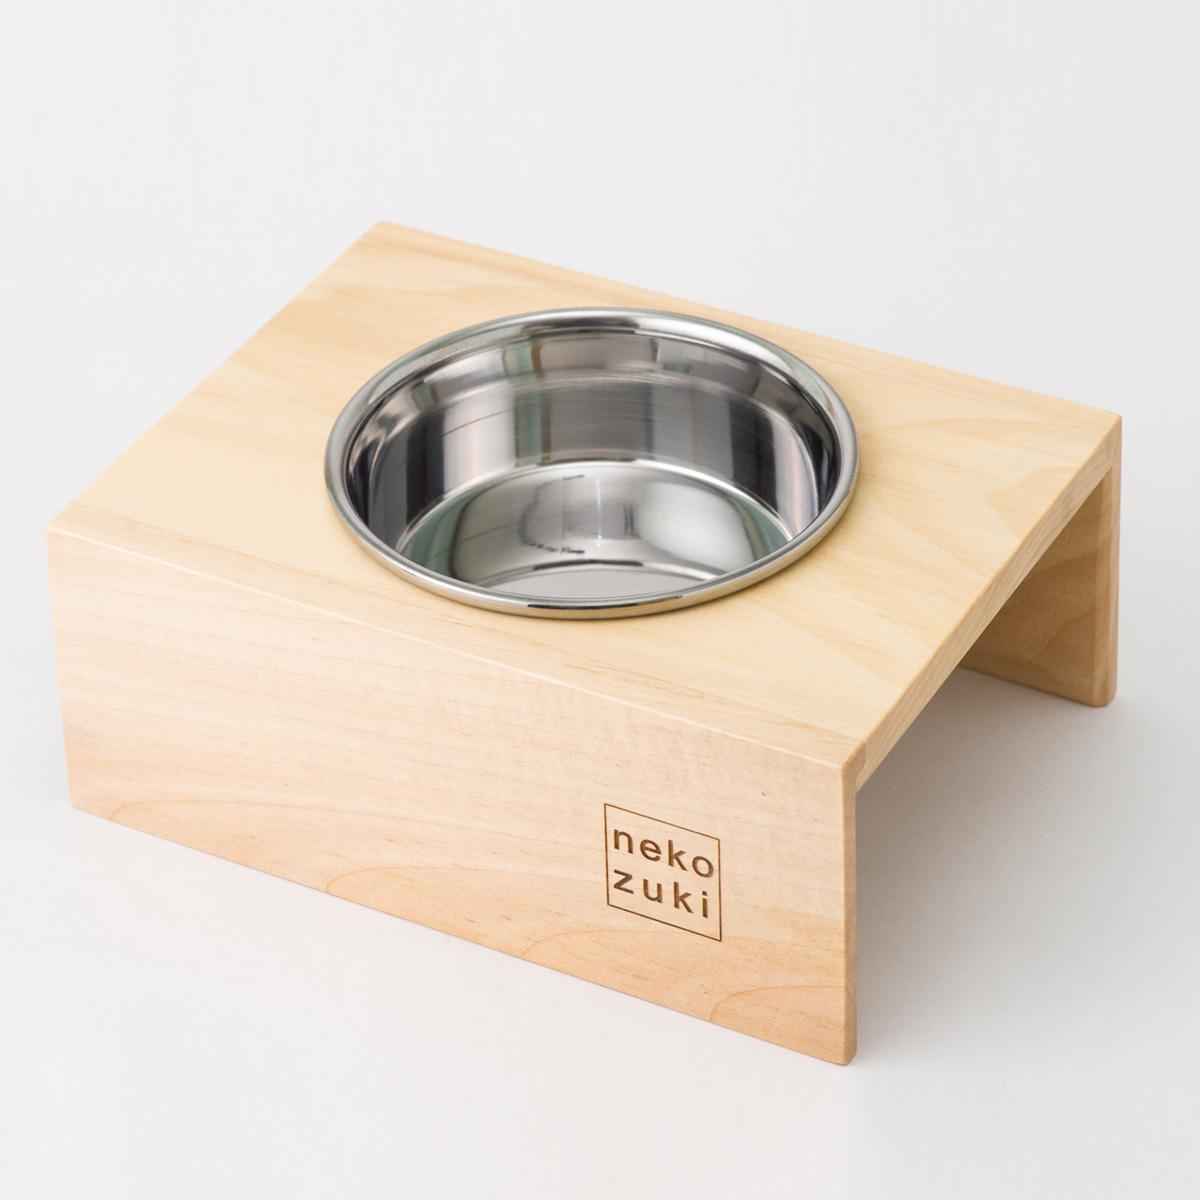 食器台 猫 まんま台 hole シングル ステンレス食器 日本製